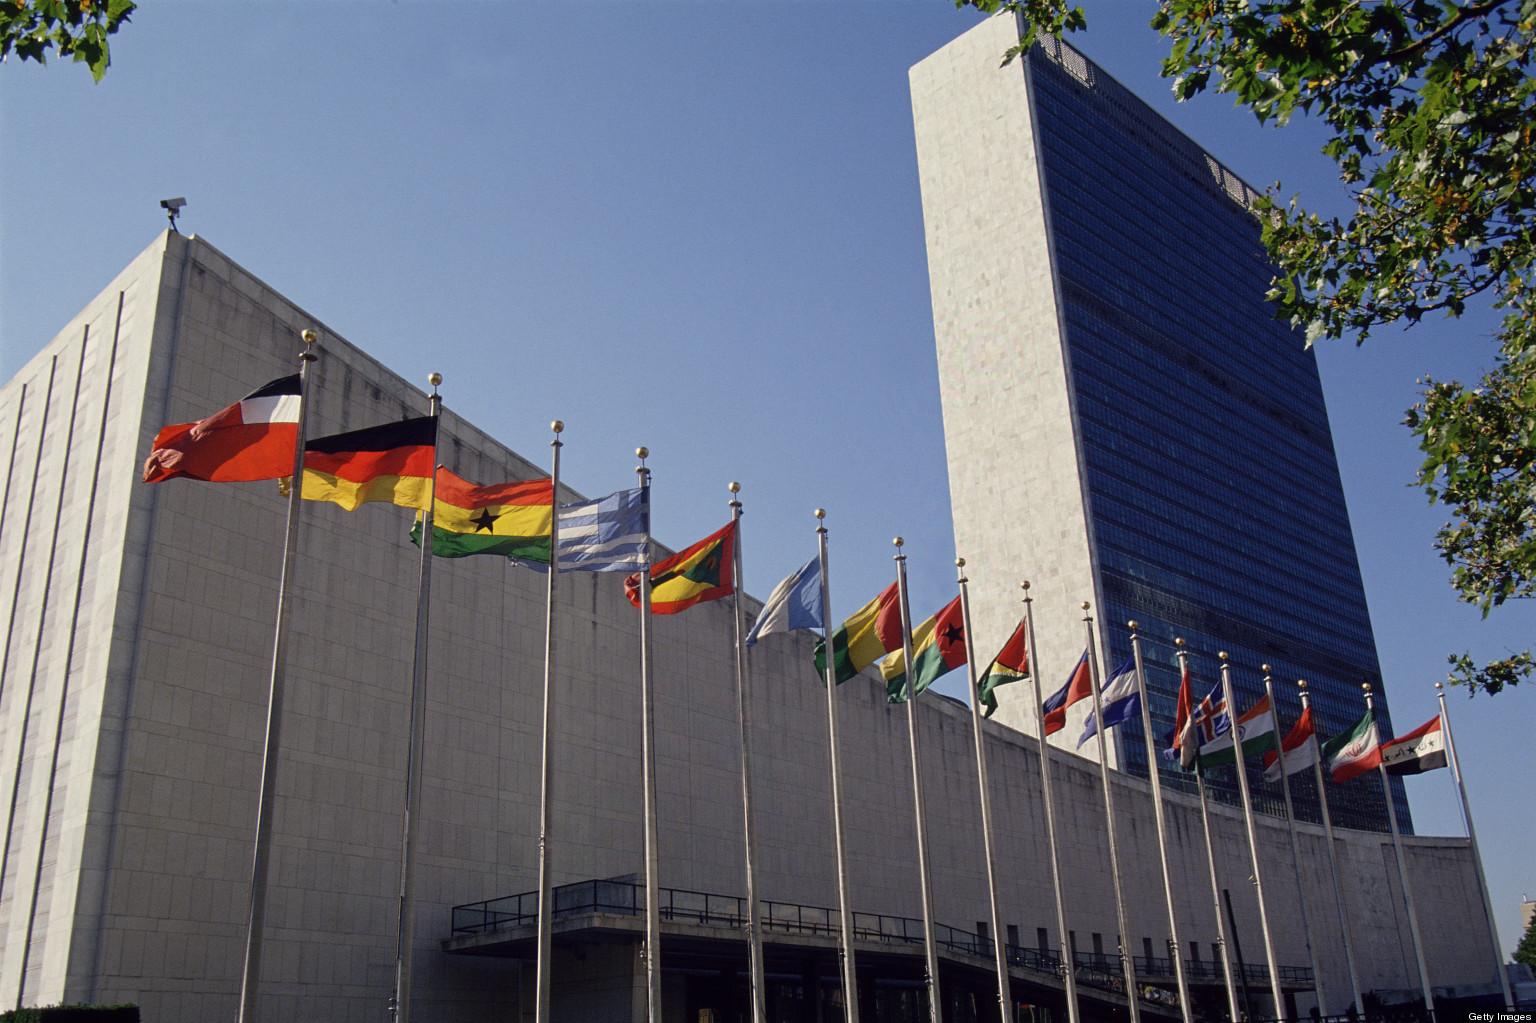 كم عدد موظفي الامم المتحدة ؟ وكم تبلغ ميزانيتها؟